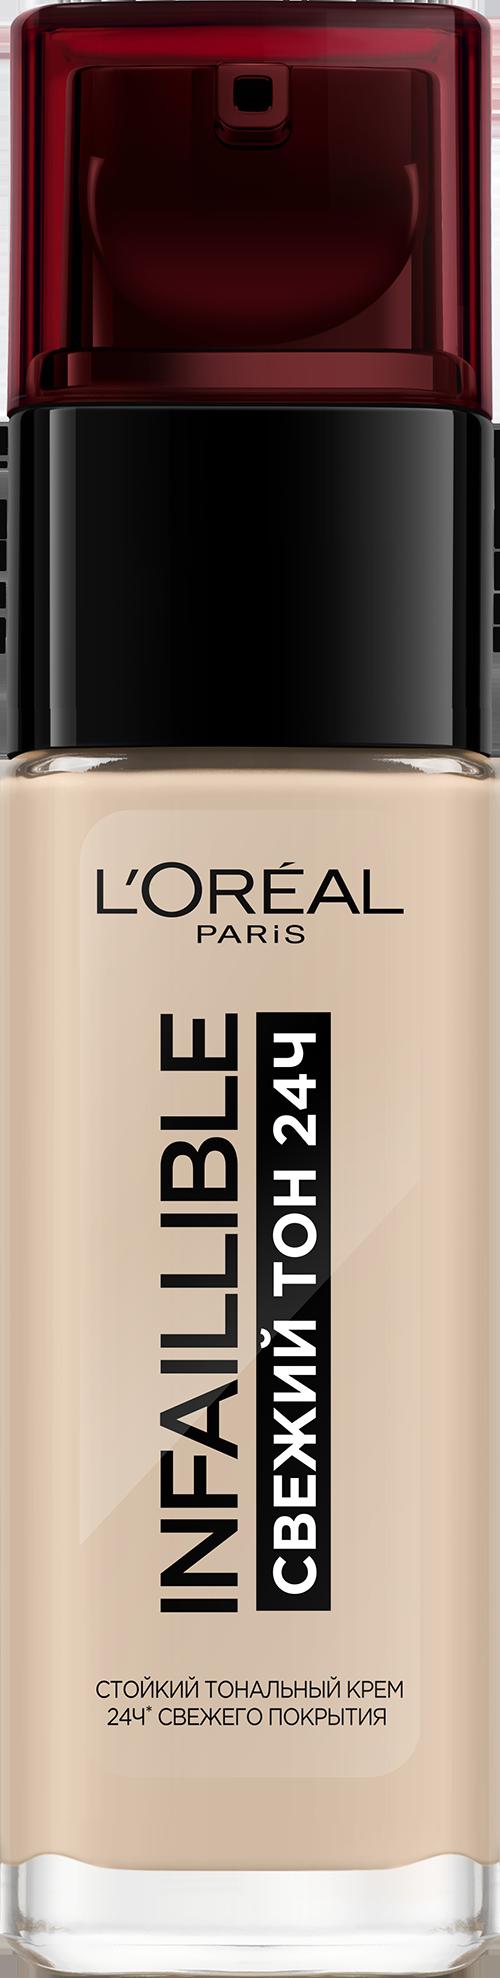 Тональный крем L'Oreal Paris Infallible 24h Stay Fresh Foundation 015 30 мл Фарфоровый фото